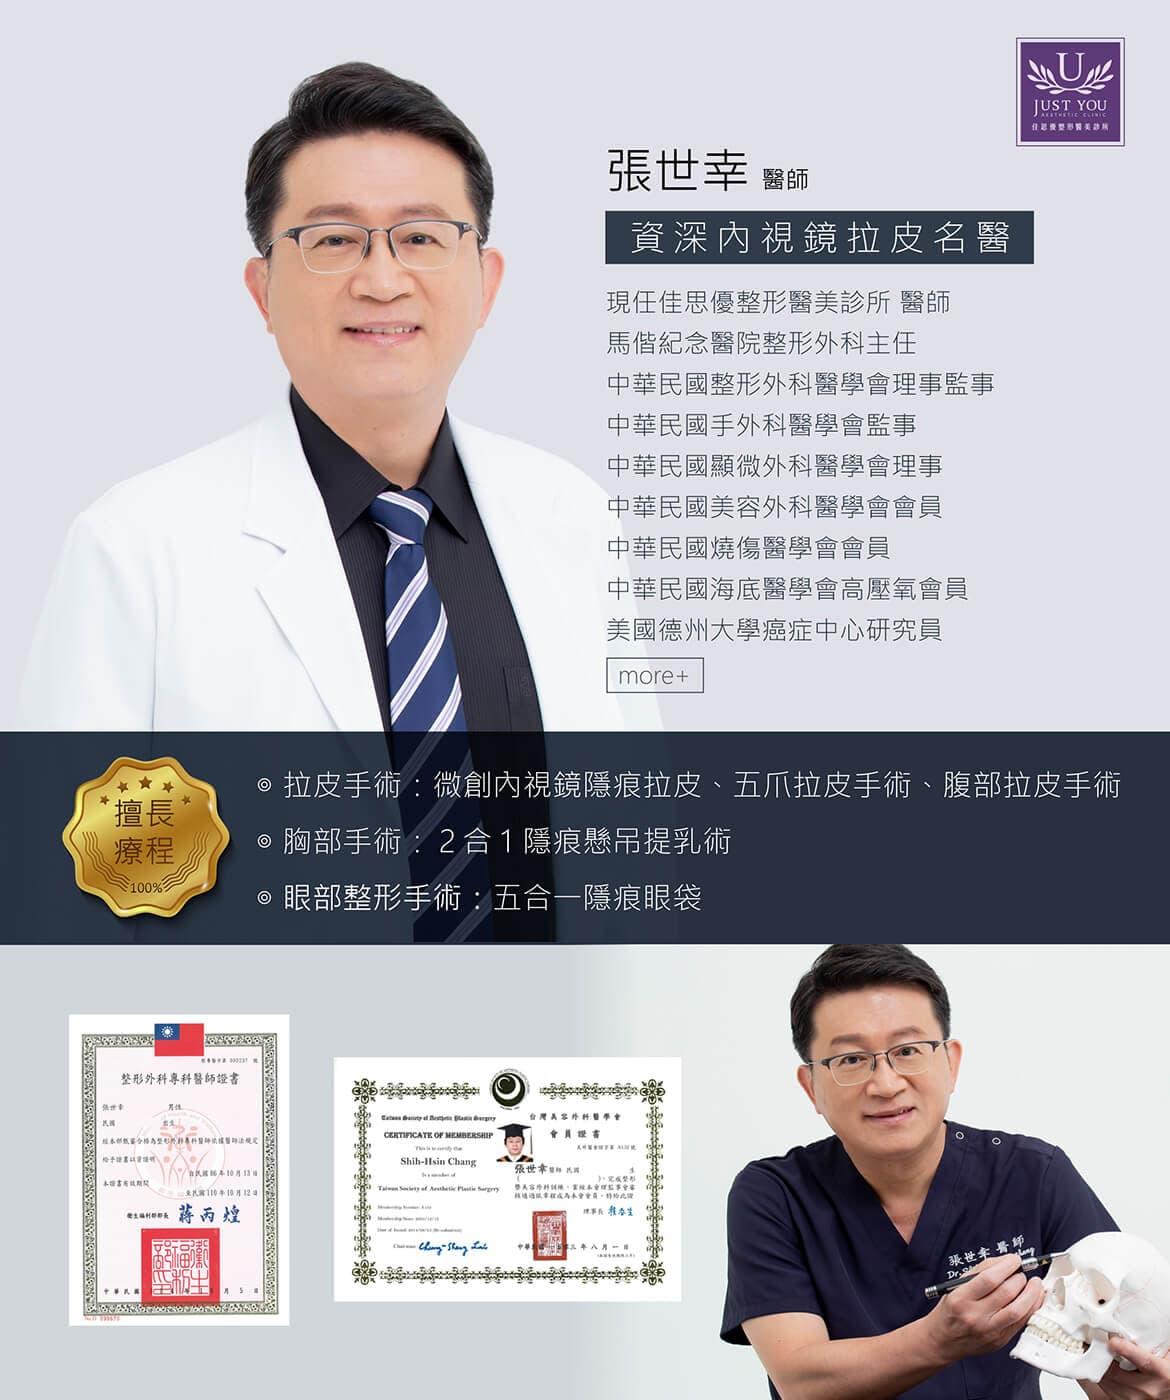 资深内视镜拉皮名医- 张世幸医师